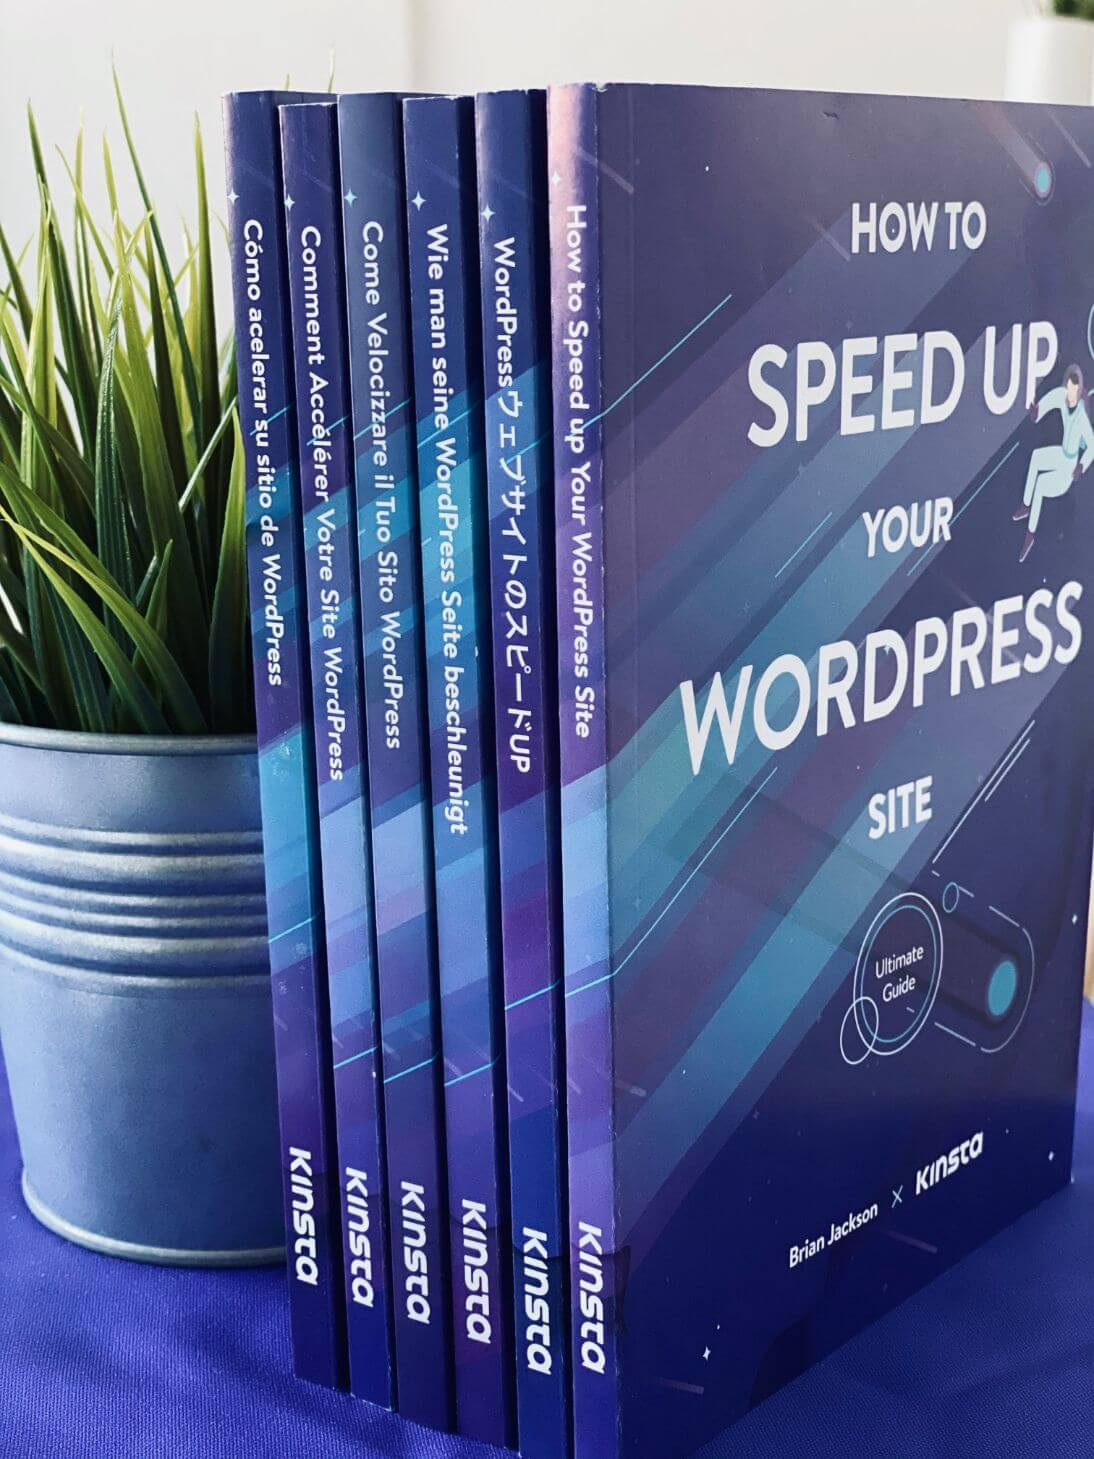 I libri Come Velocizzare il Tuo Sito WordPress